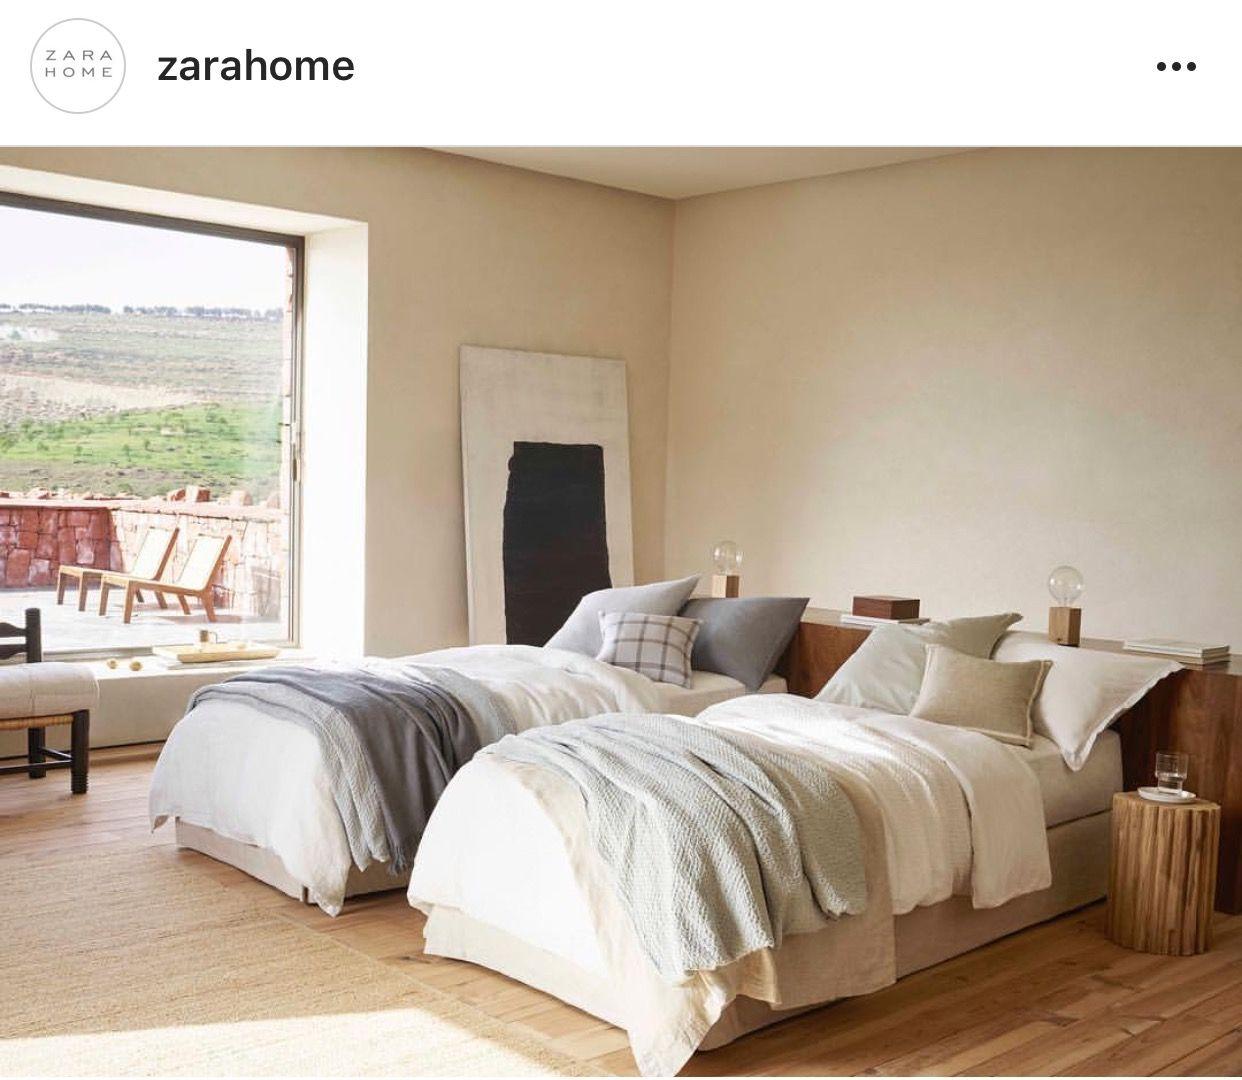 Zara home to open in toronto - Zara Home Spare Room Idea